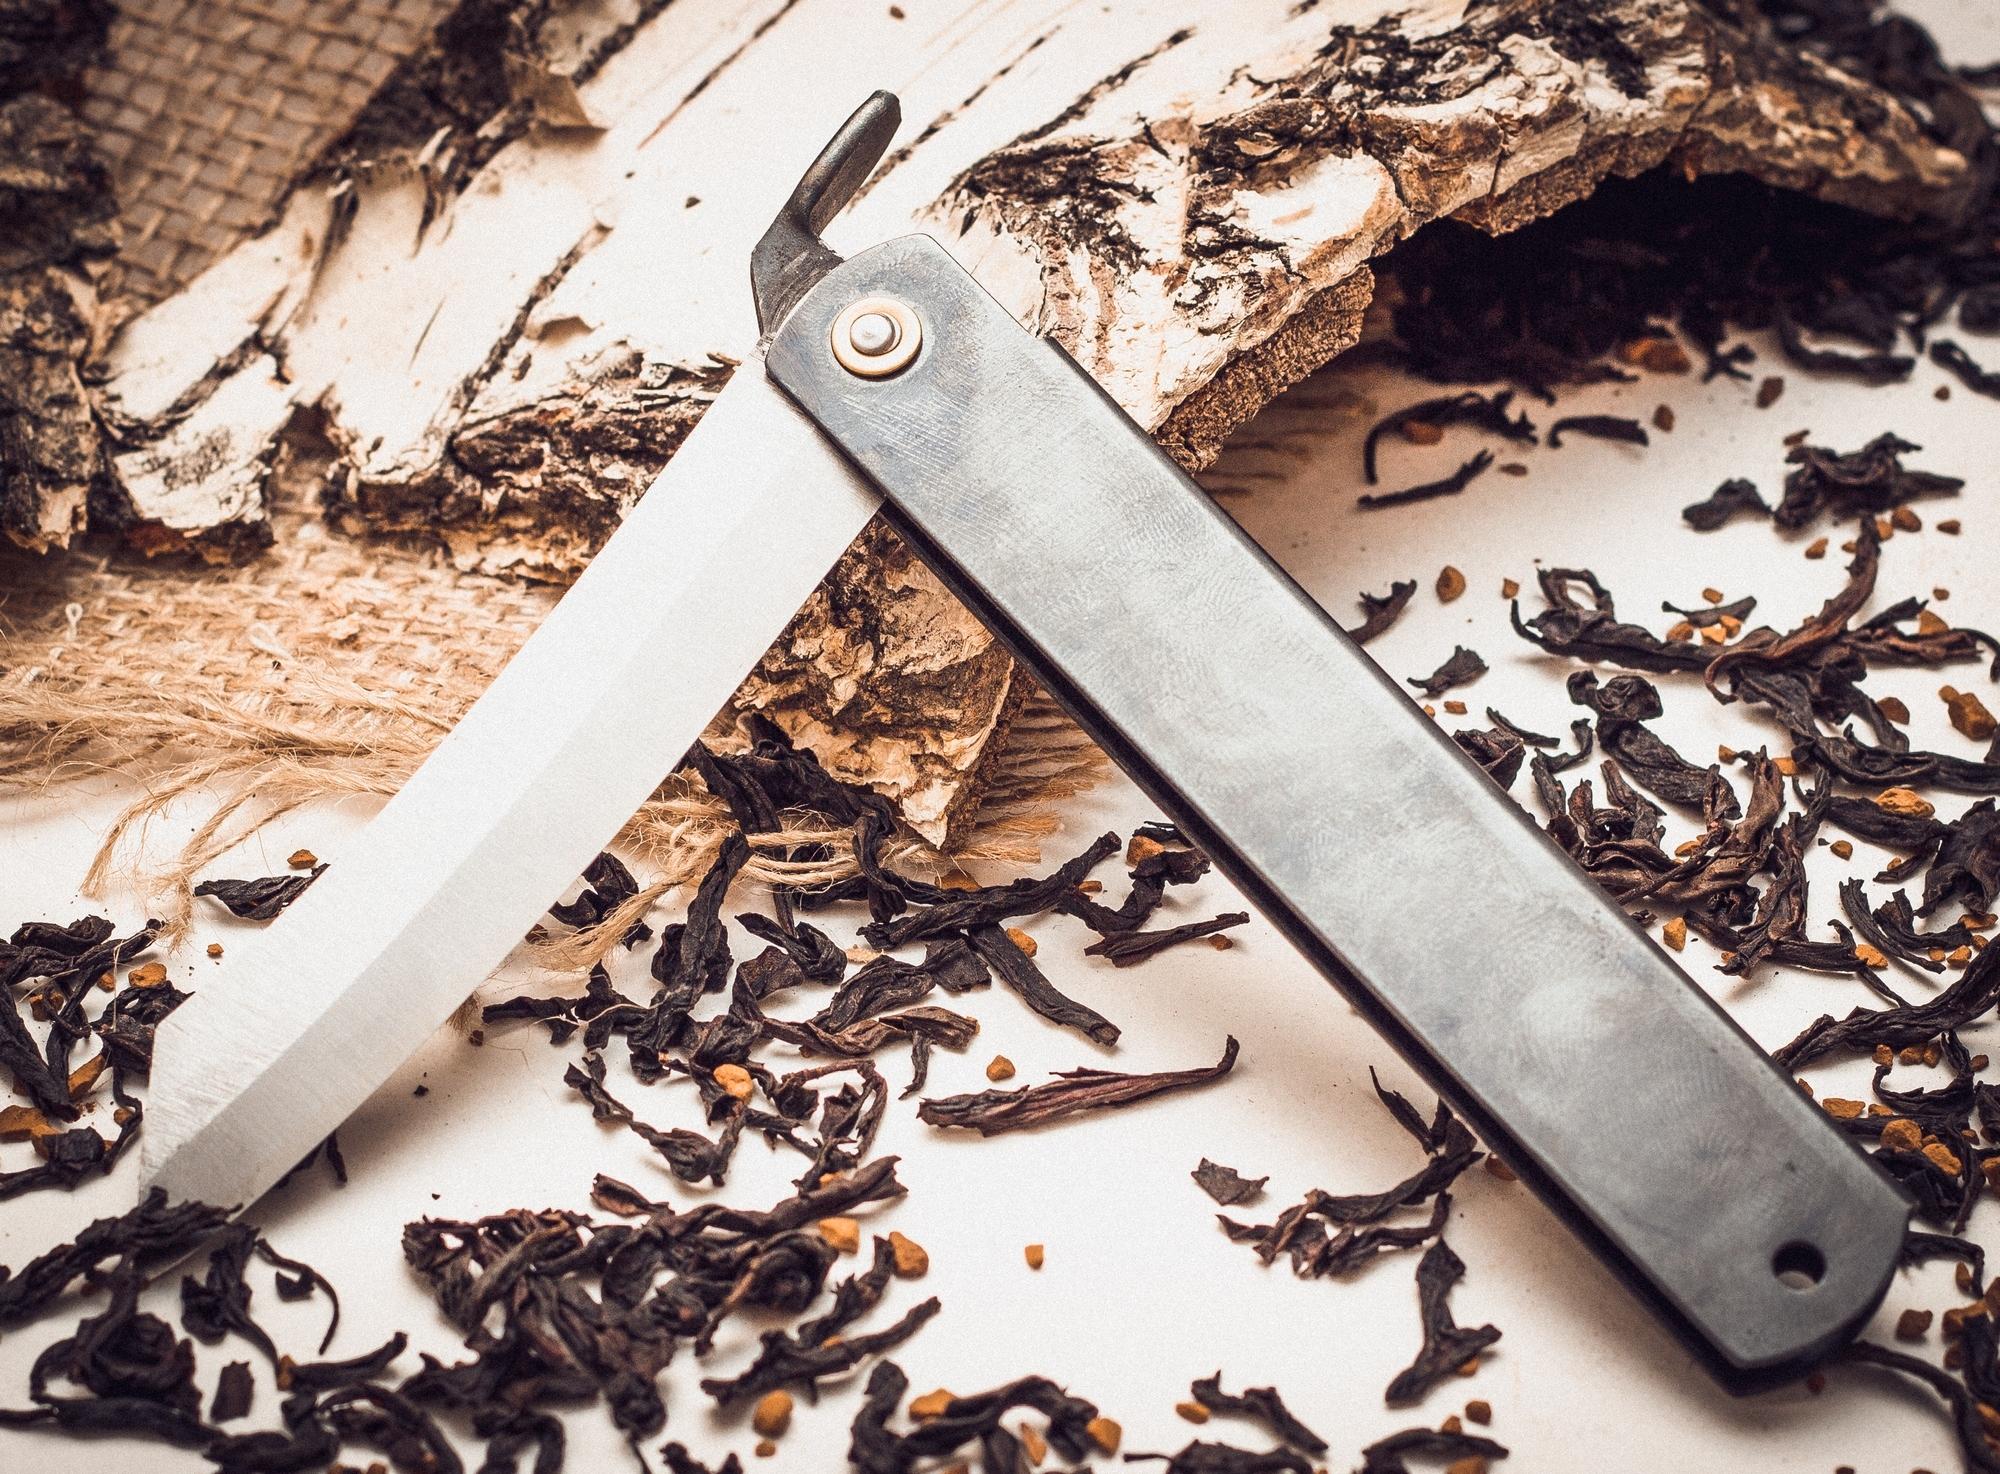 Фото 6 - Нож складной, клинок 80мм Hight carbon, рукоять черная, Nagao Higonokami